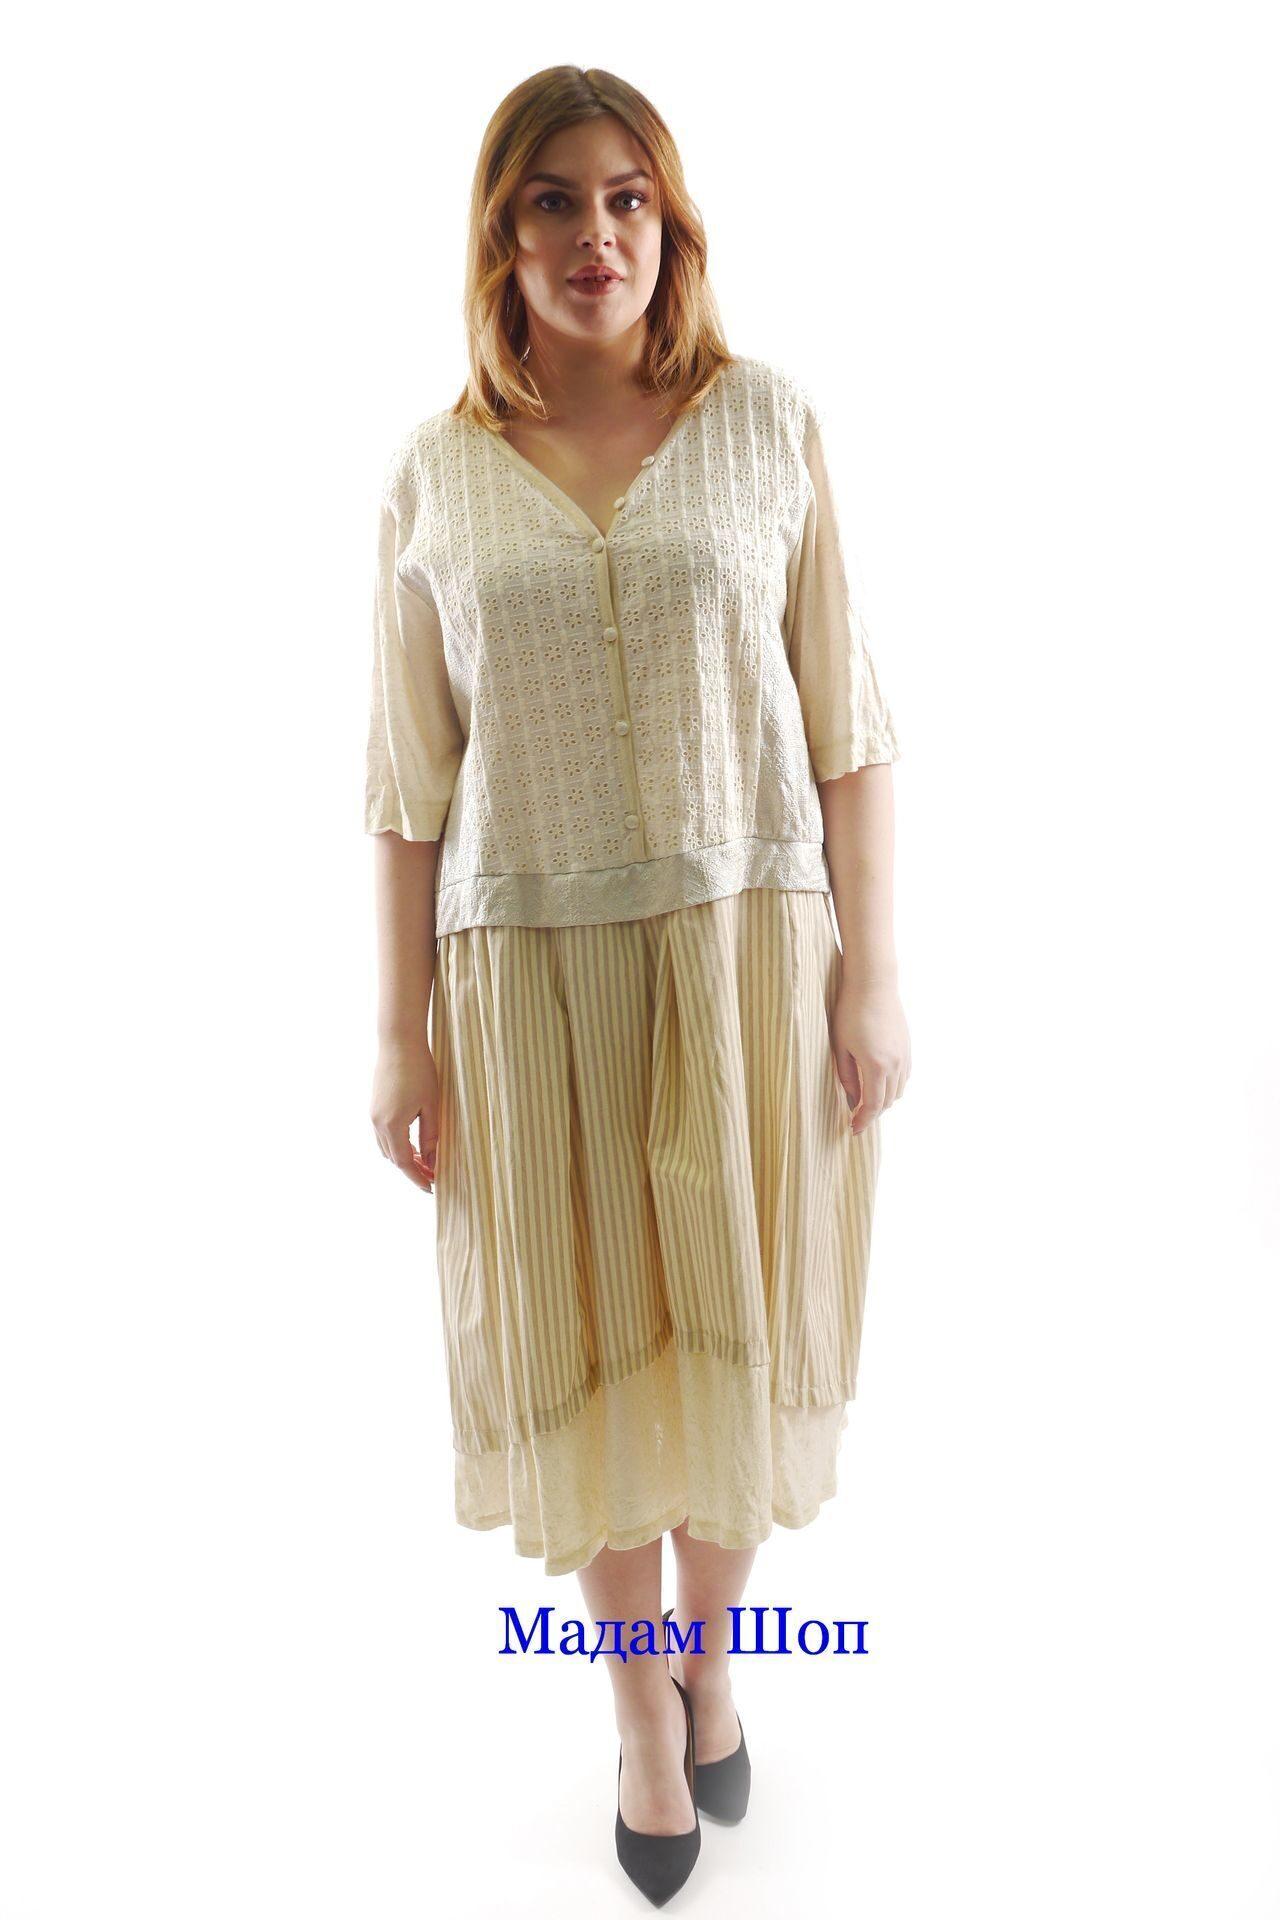 Нежно-бежевое комбинированное платье, воплощающее мягкое очарование  женственности. Ажурный топ со скромным цветочным a7fae82b036